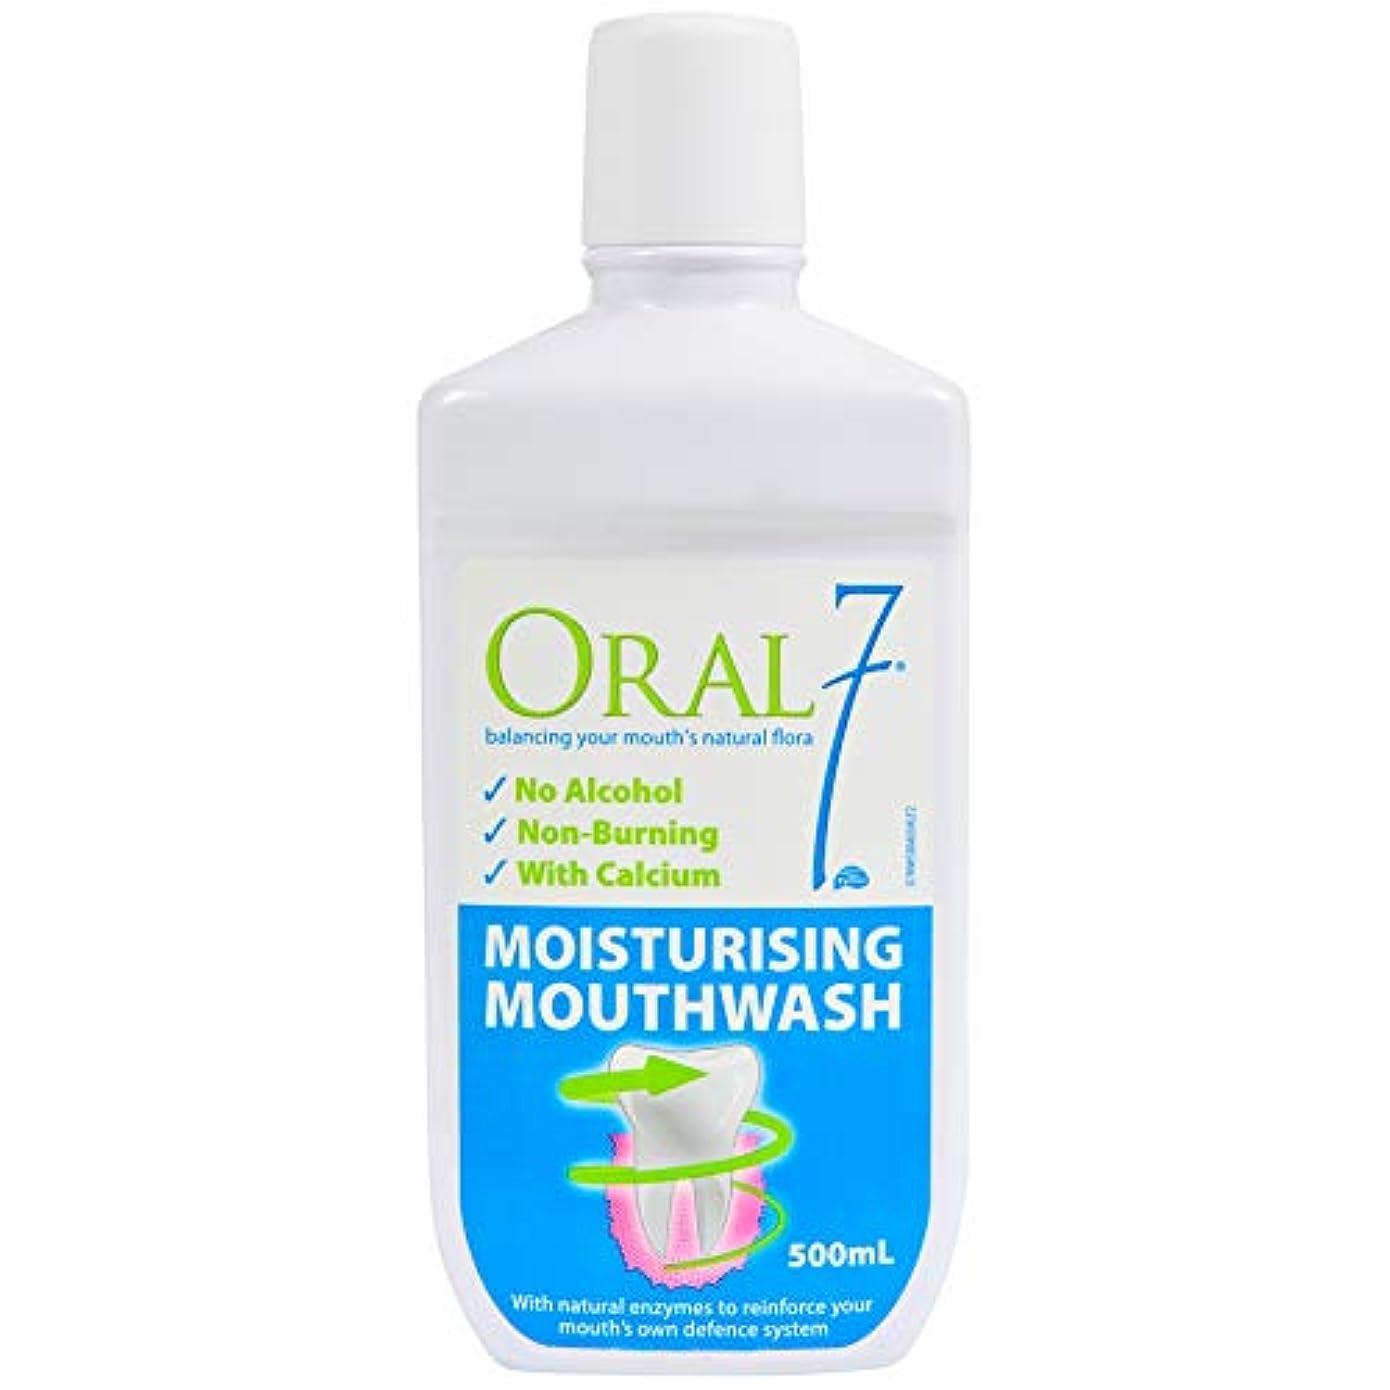 相対性理論ライバル予想外オーラル7 モイスチャライジングマウスウォッシュ 500ml 4種の天然酵素配合!口腔内保湿マウスウォッシュ お口の乾燥対策に